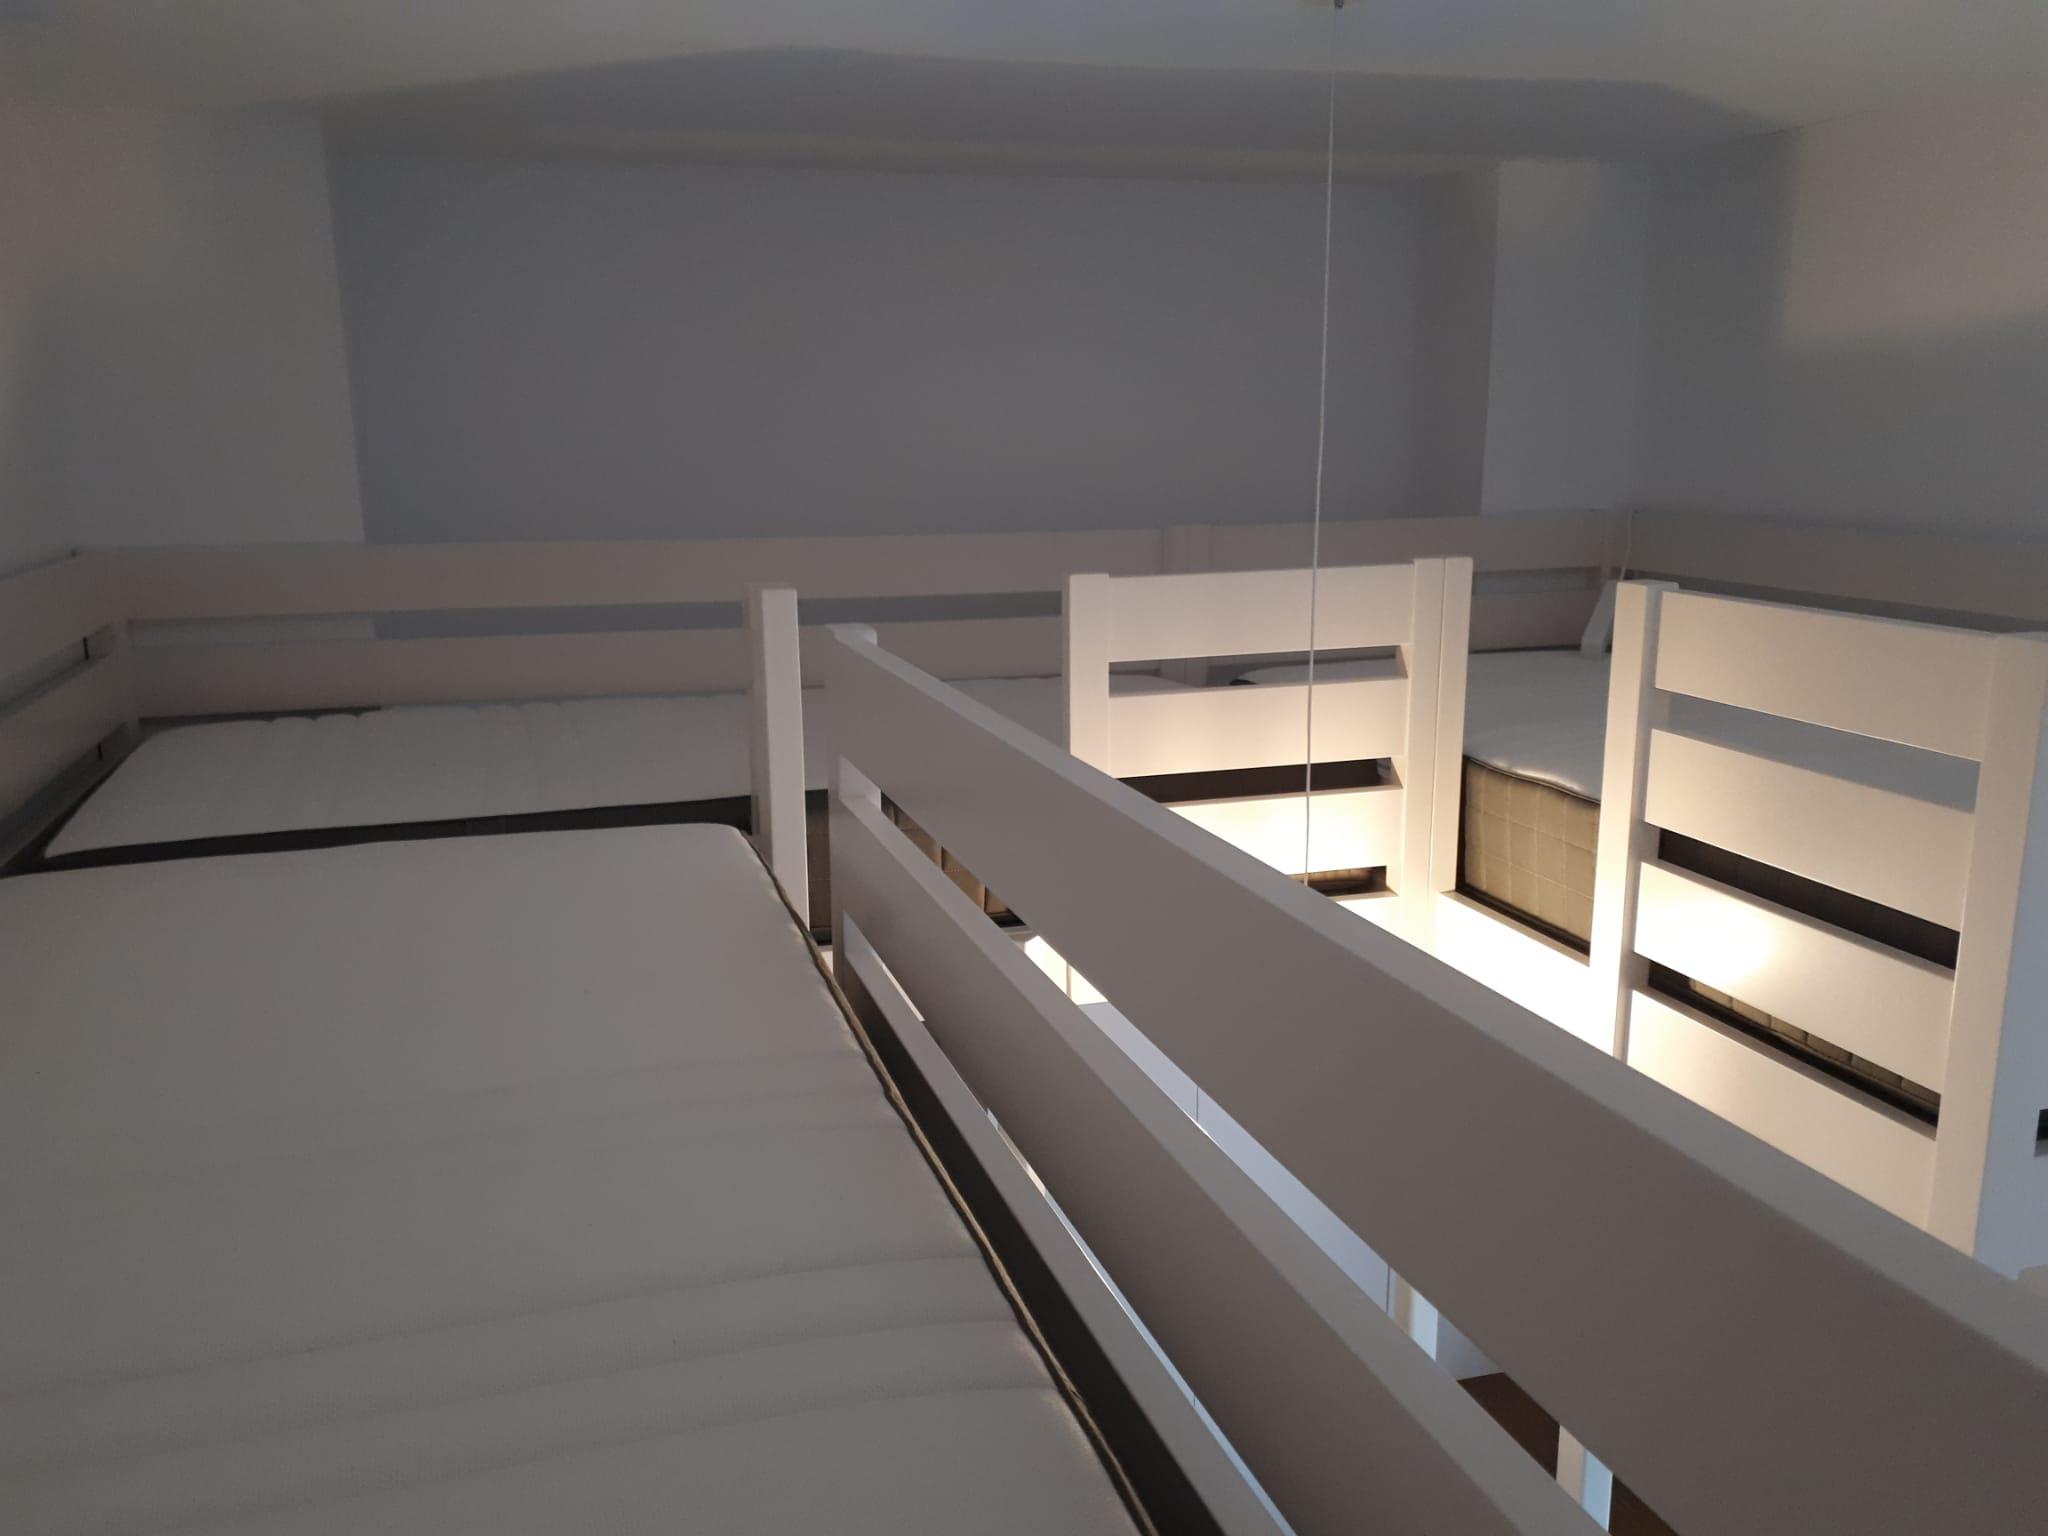 ¡Lo tienes todo! Dormitorio a medida para tres niños con zona de estudio y armarios